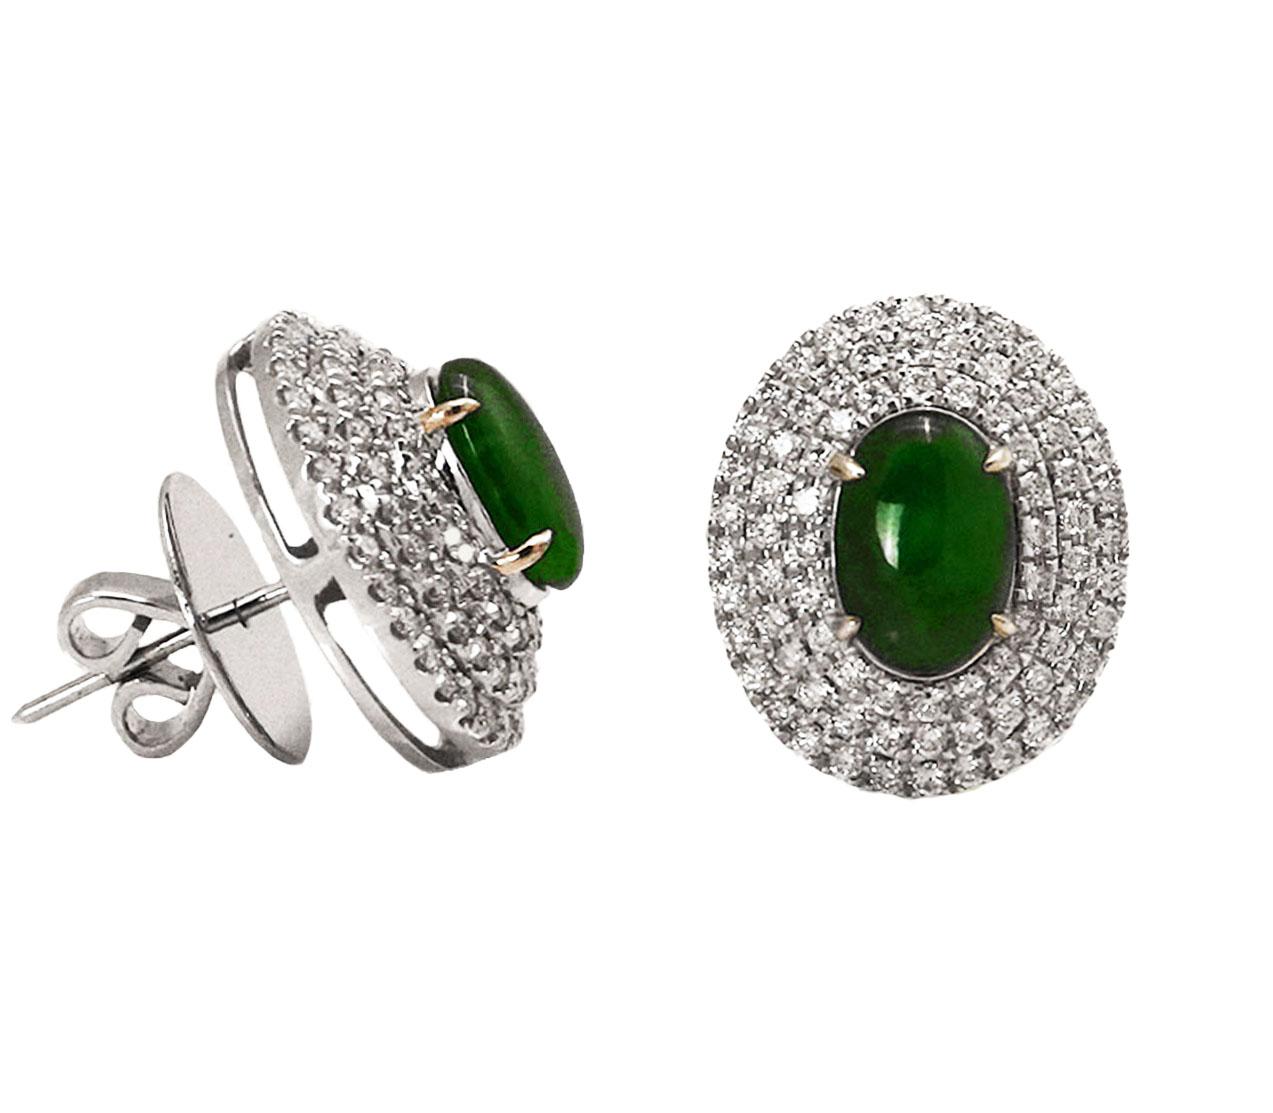 Cabochon Jade Diamond Earrings